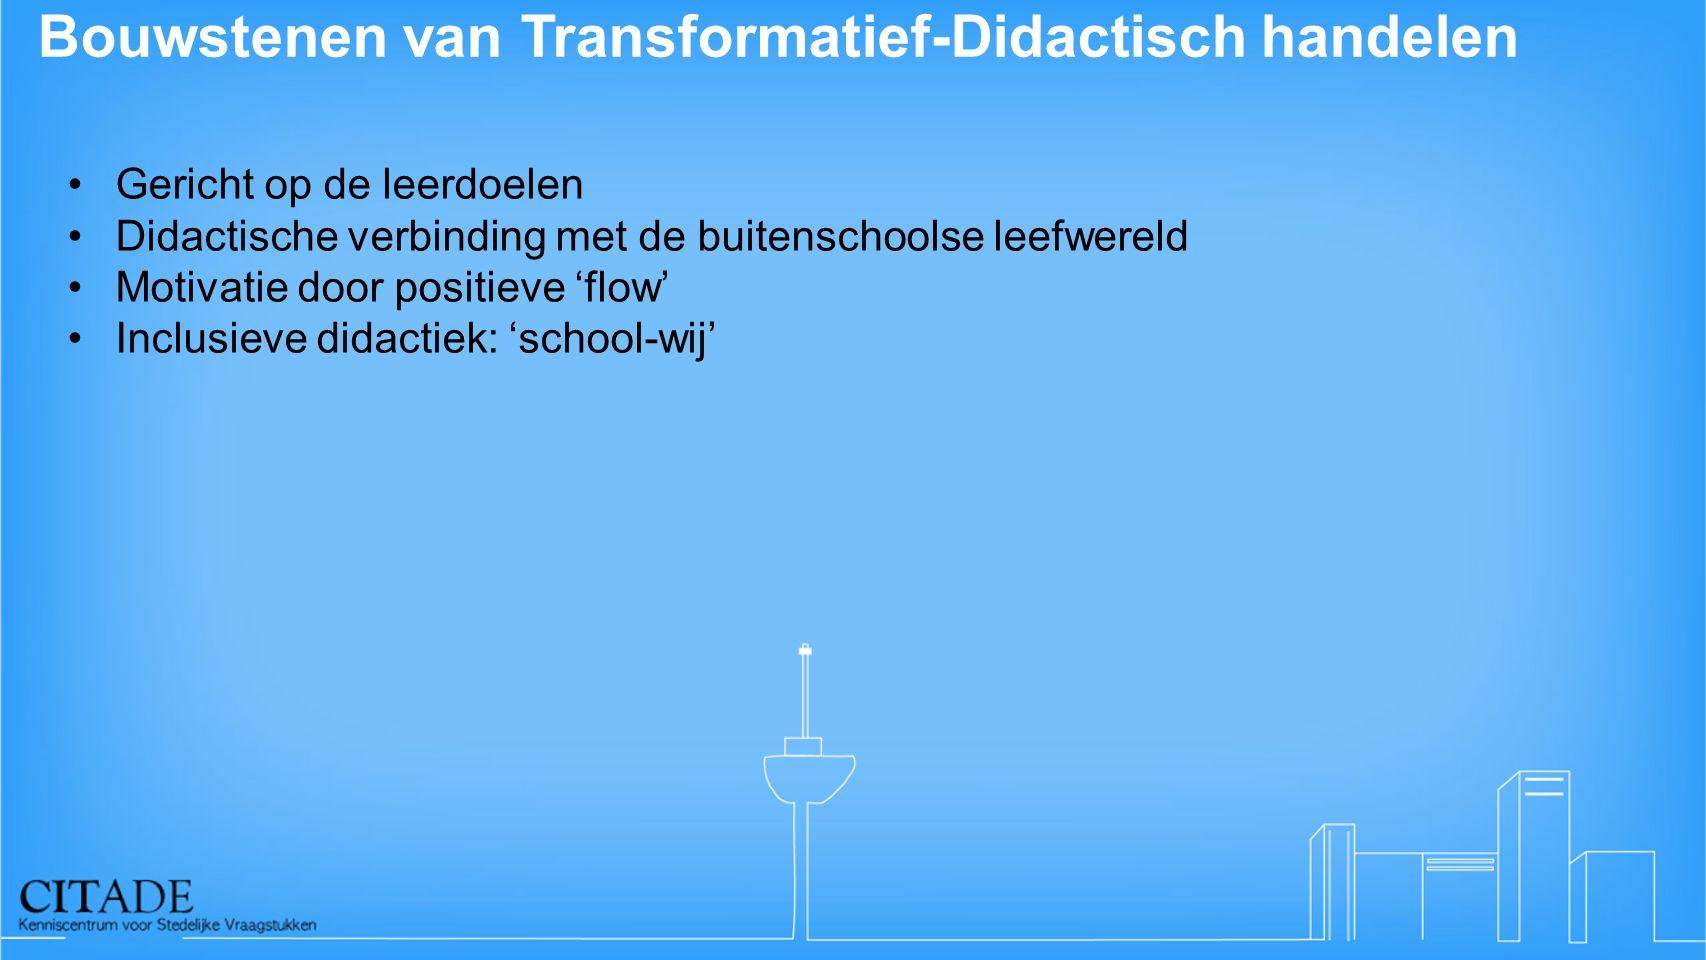 Bouwstenen van Transformatief-Didactisch handelen Gericht op de leerdoelen Didactische verbinding met de buitenschoolse leefwereld Motivatie door positieve 'flow' Inclusieve didactiek: 'school-wij'